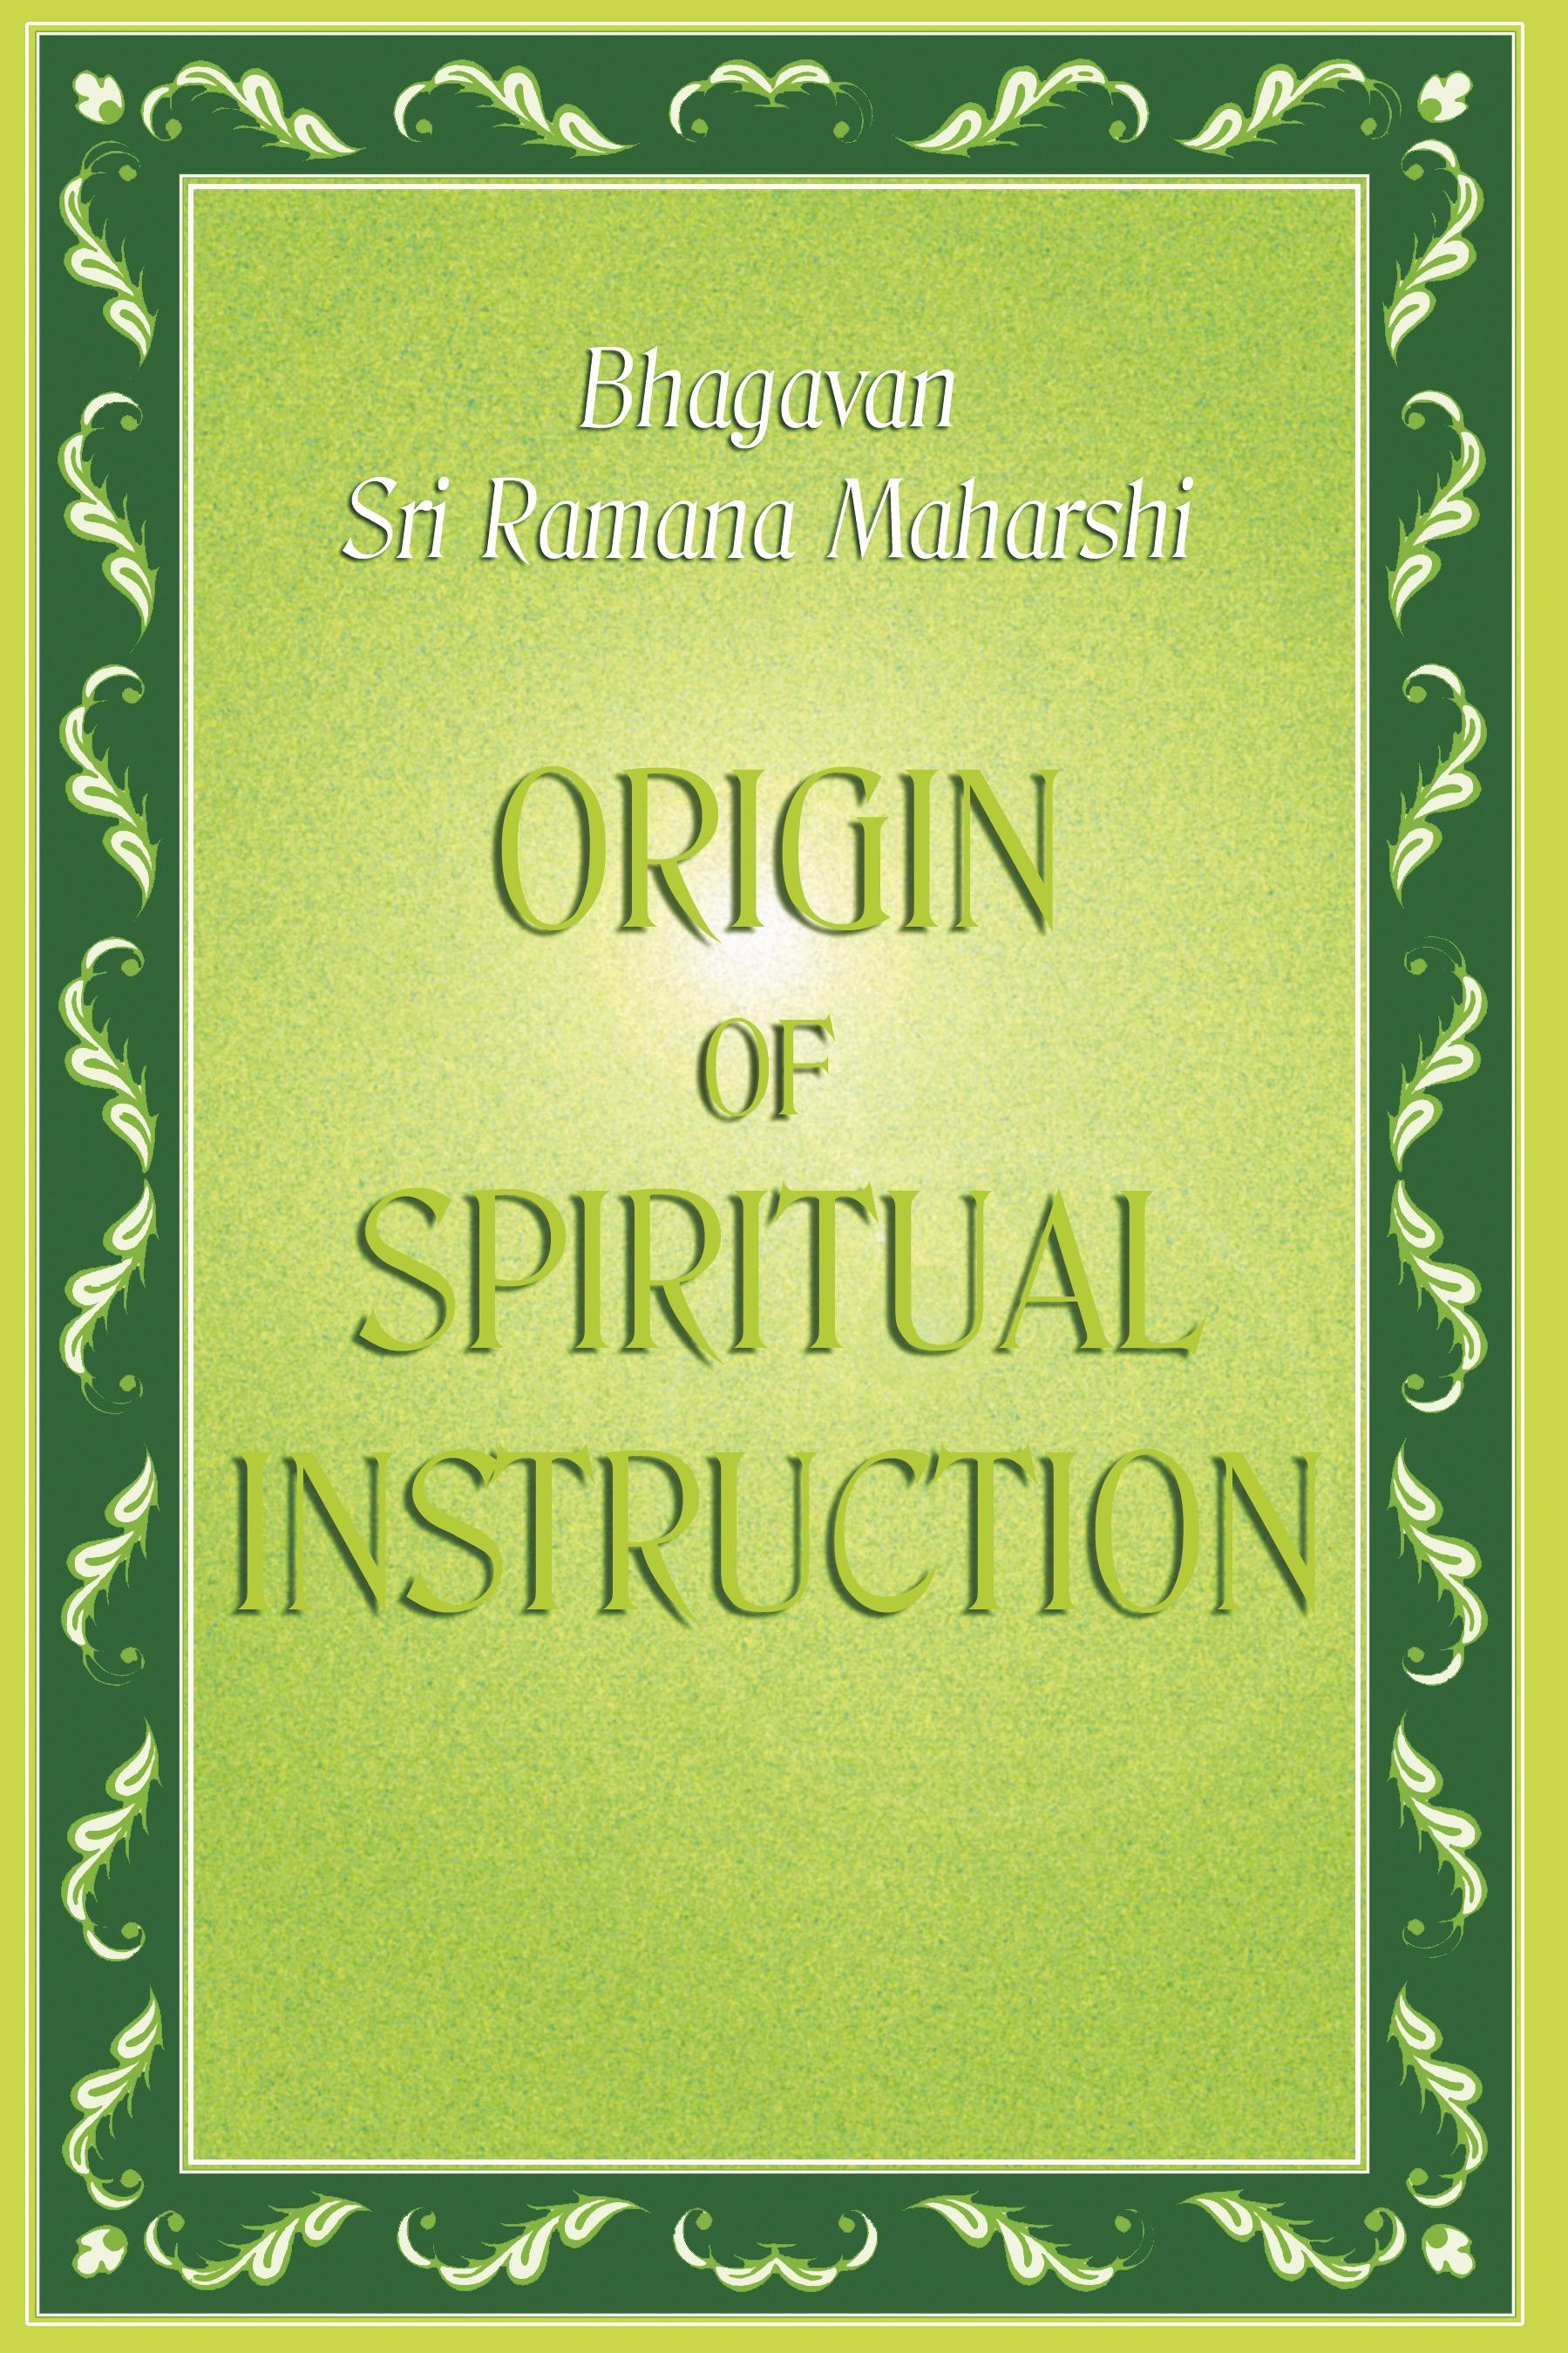 Origin of Spiritual Instruction | Pothi.com